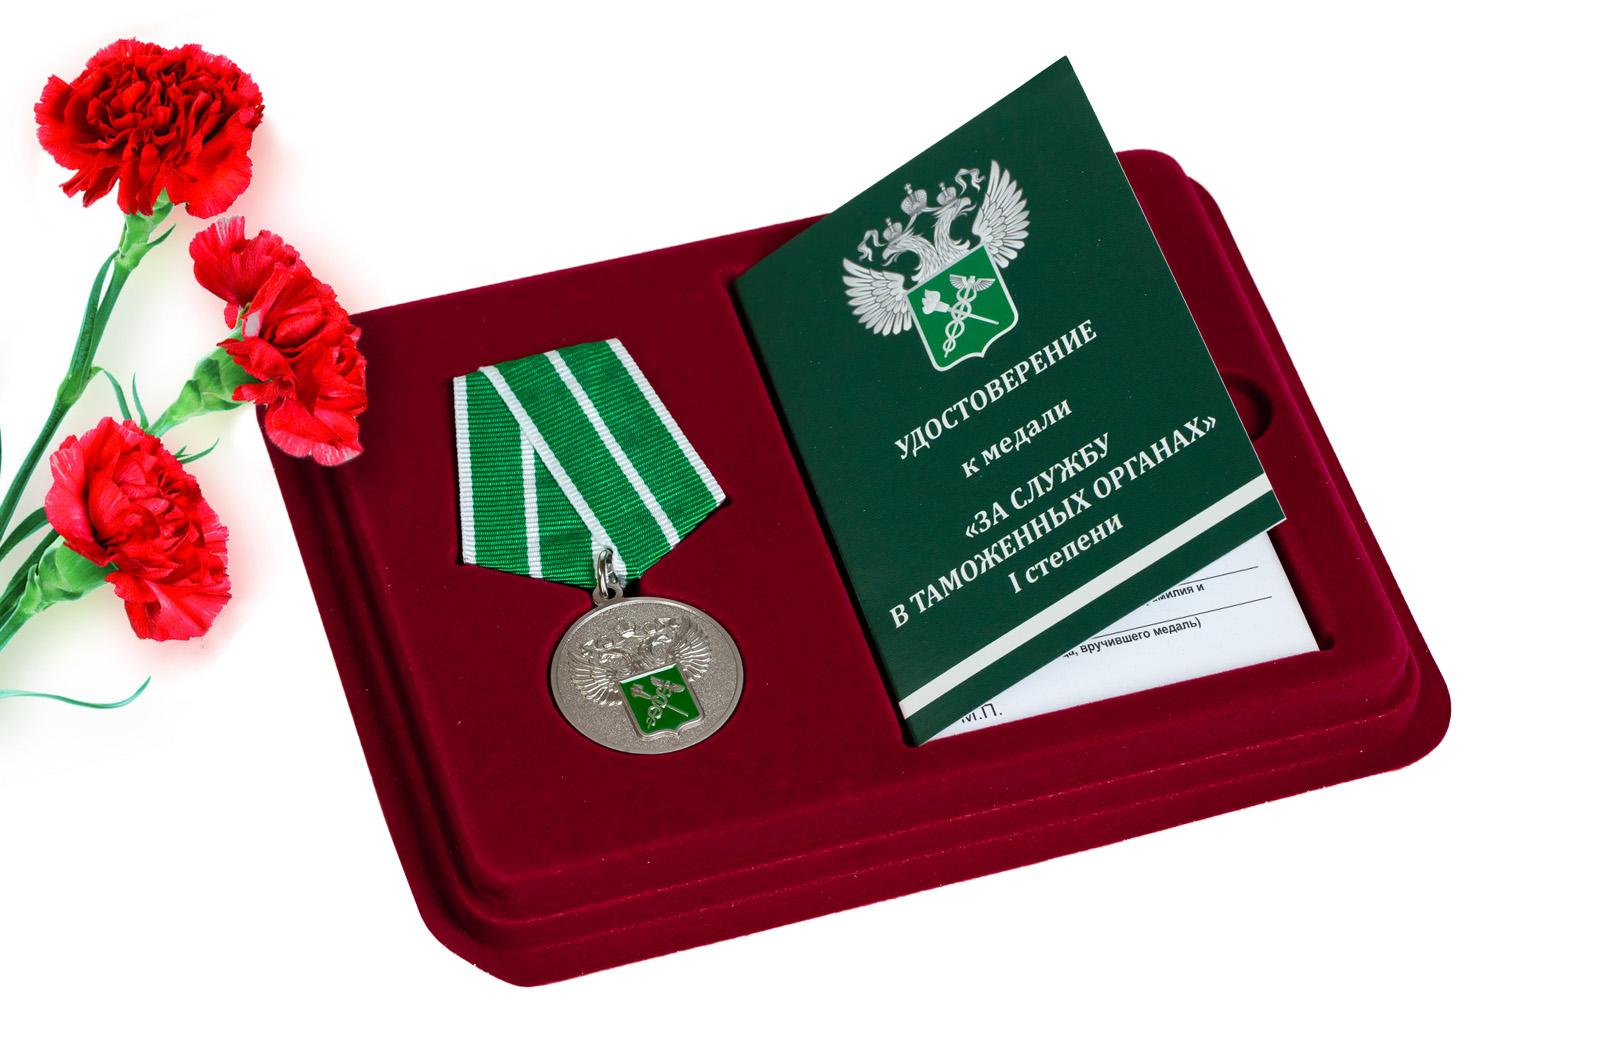 Купить медаль За службу в таможенных органах 1 степени по лучшей цене